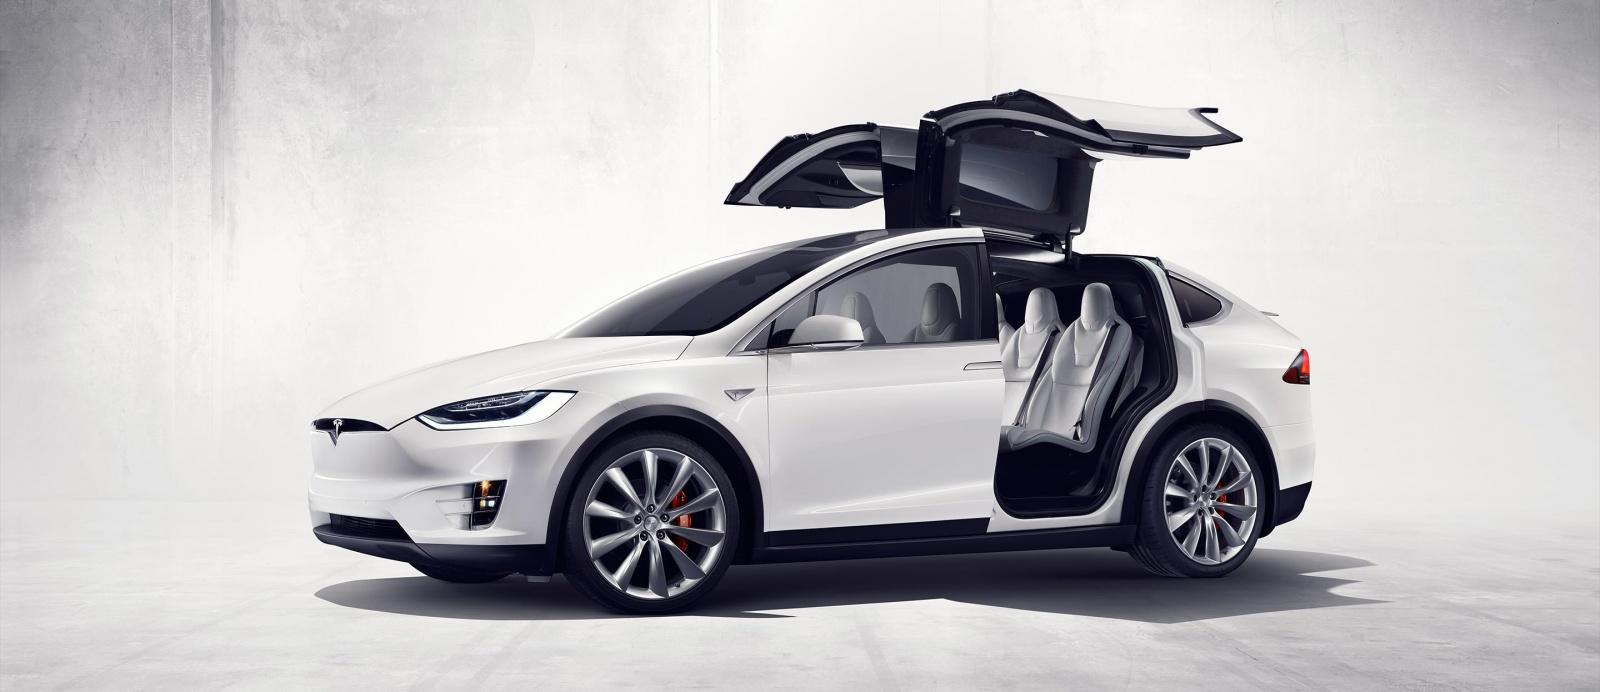 Илон Маск официально представил Tesla Model X - 1